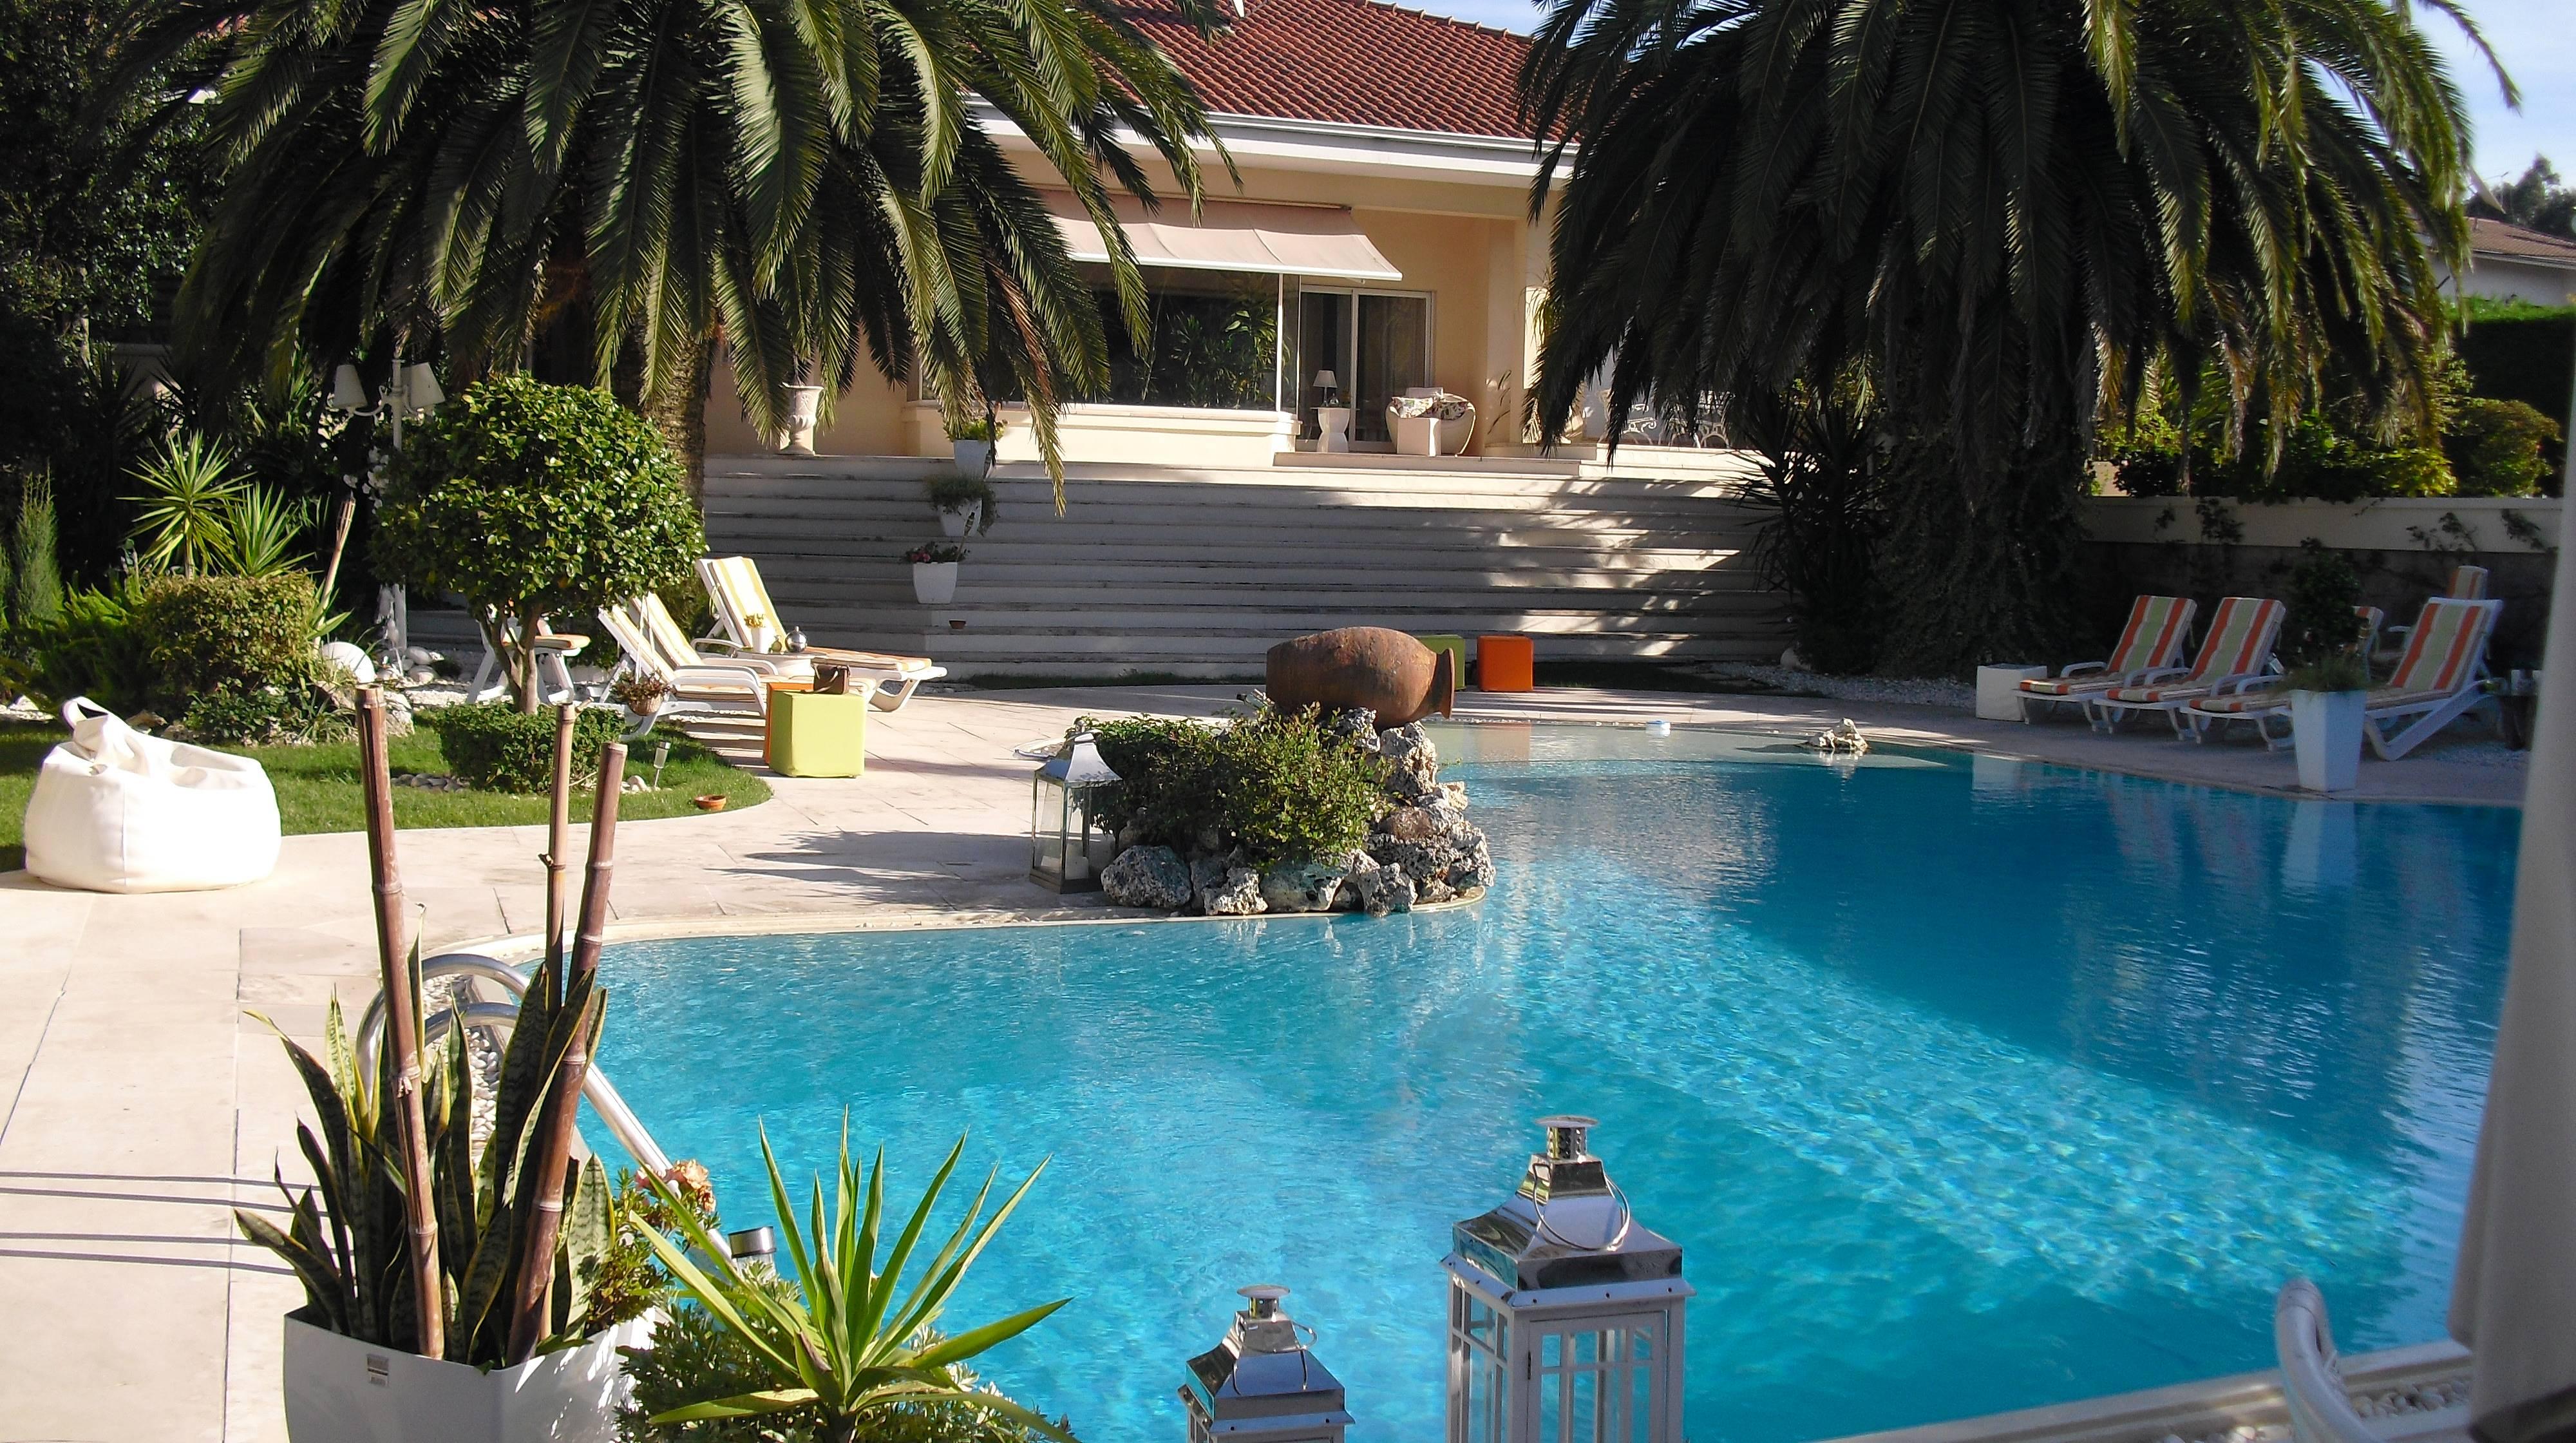 Alquiler vacaciones apartamentos y casas rurales en oporto oporto y norte de portugal - Casas en alquiler para vacaciones ...